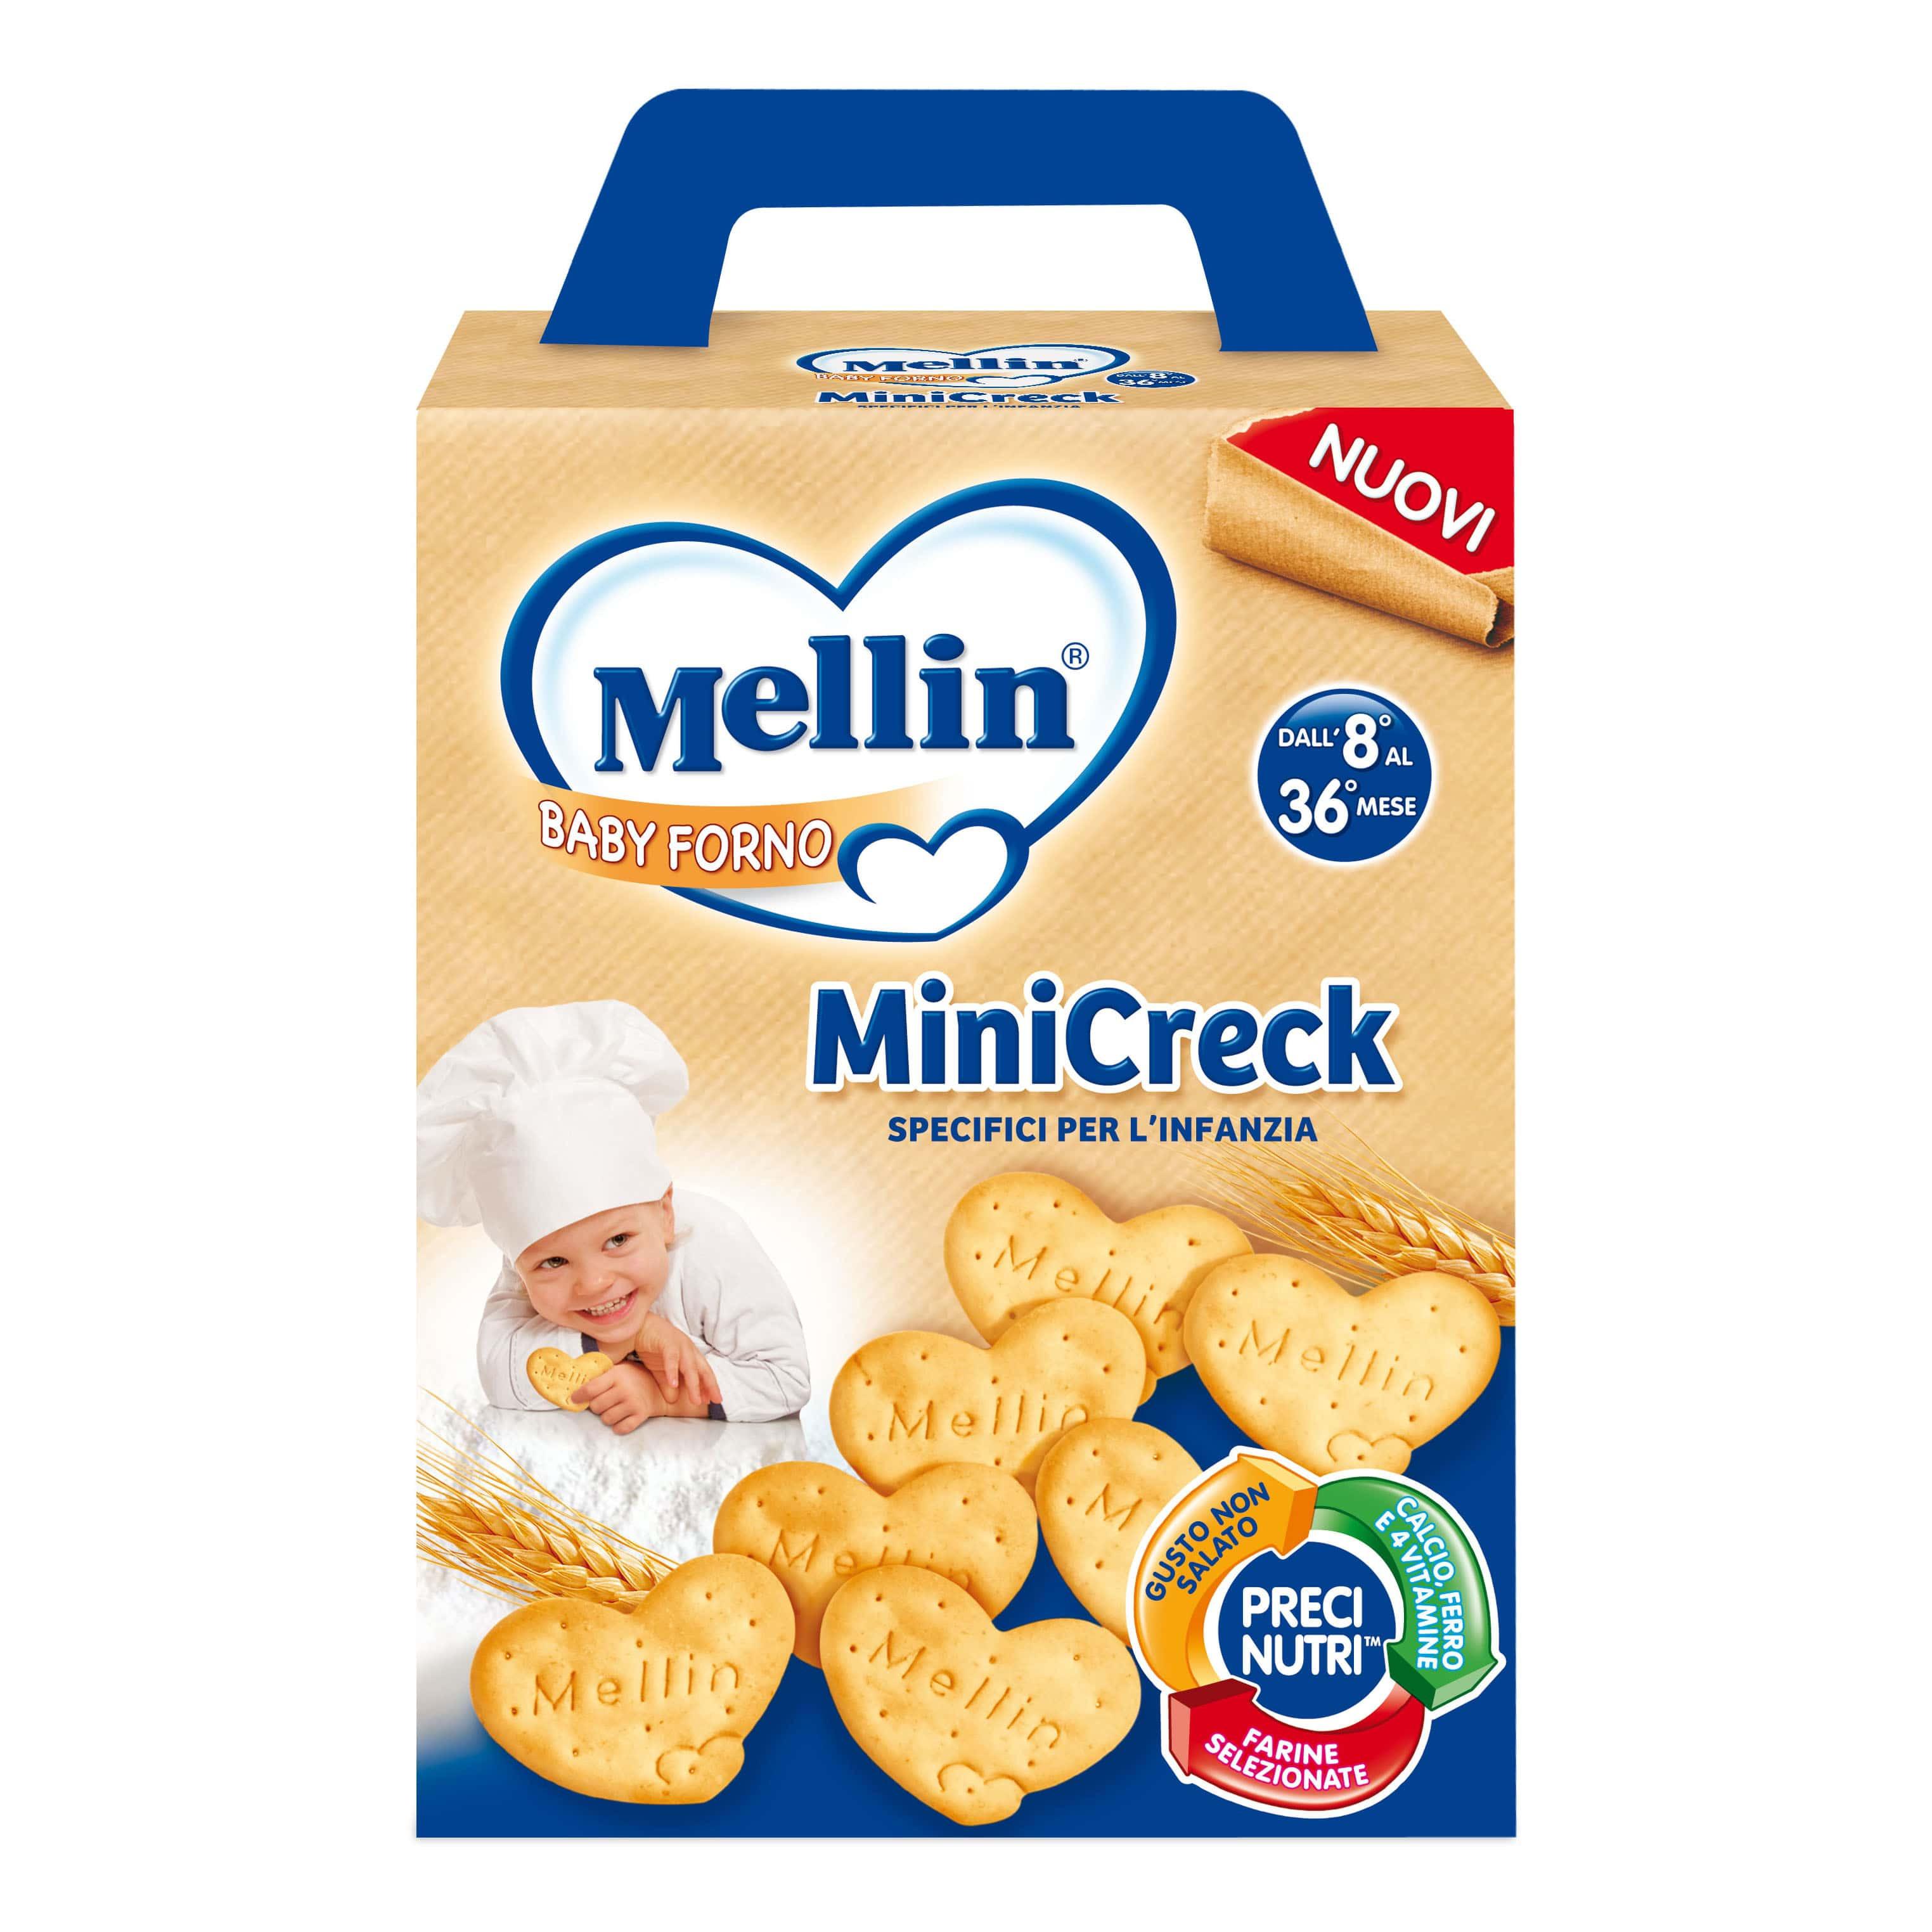 MiniCreck Mellin